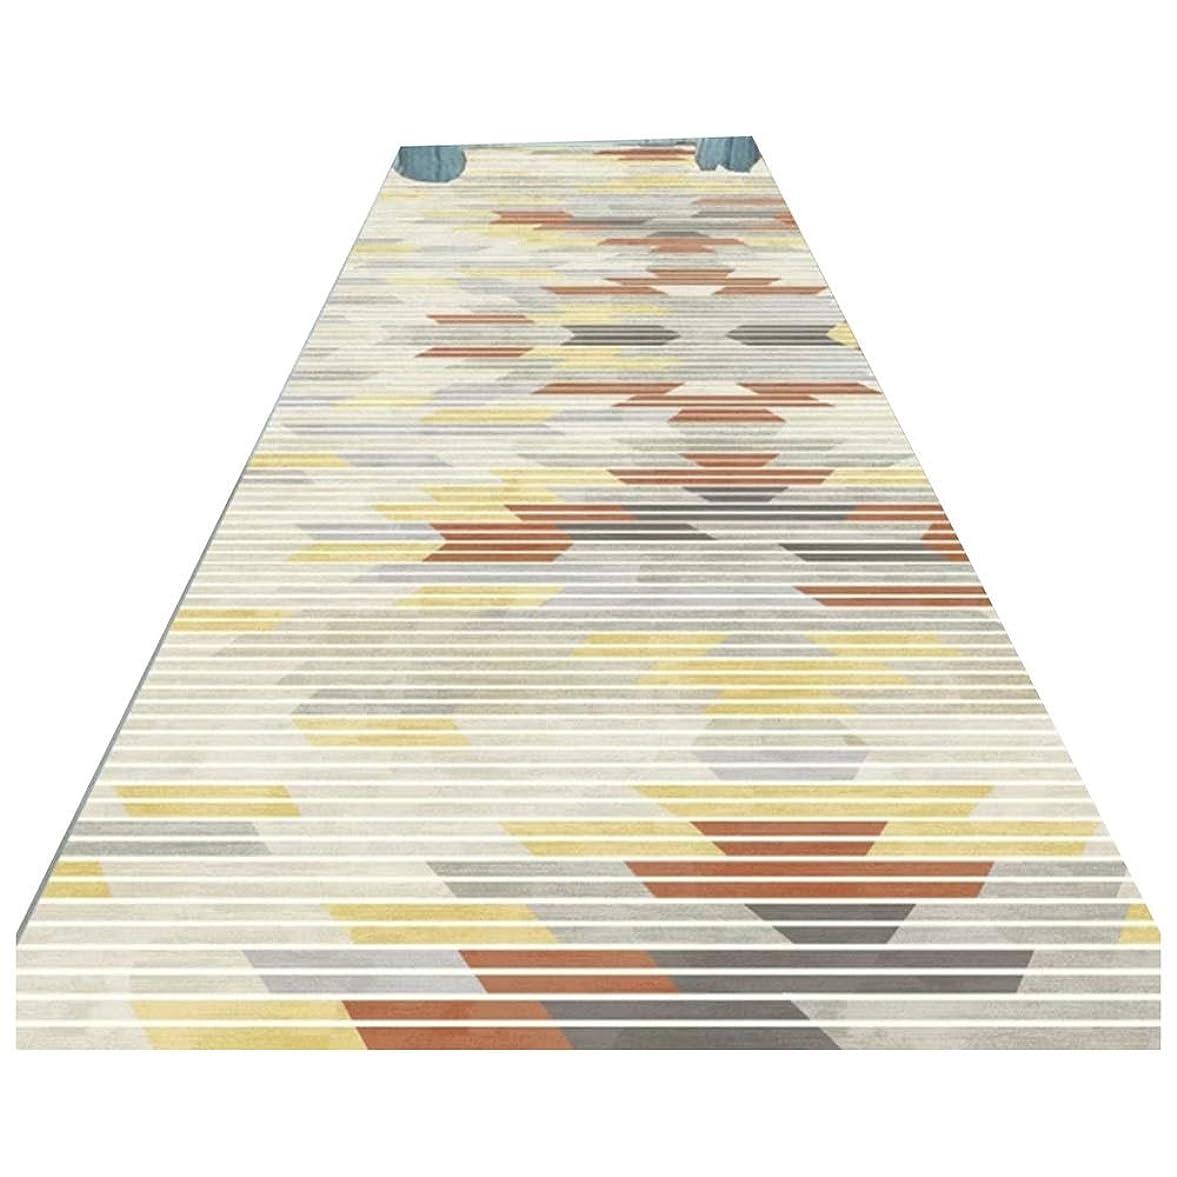 隣接東ティモール食料品店LJJL 廊下のカーペット キッチンベッドルームホテルフロントドアの装飾のための近代的なカジュアルエリア敷物ランナー、フロアマット - 非スリップ廊下ランナーカーペット (Size : 60×100CM)